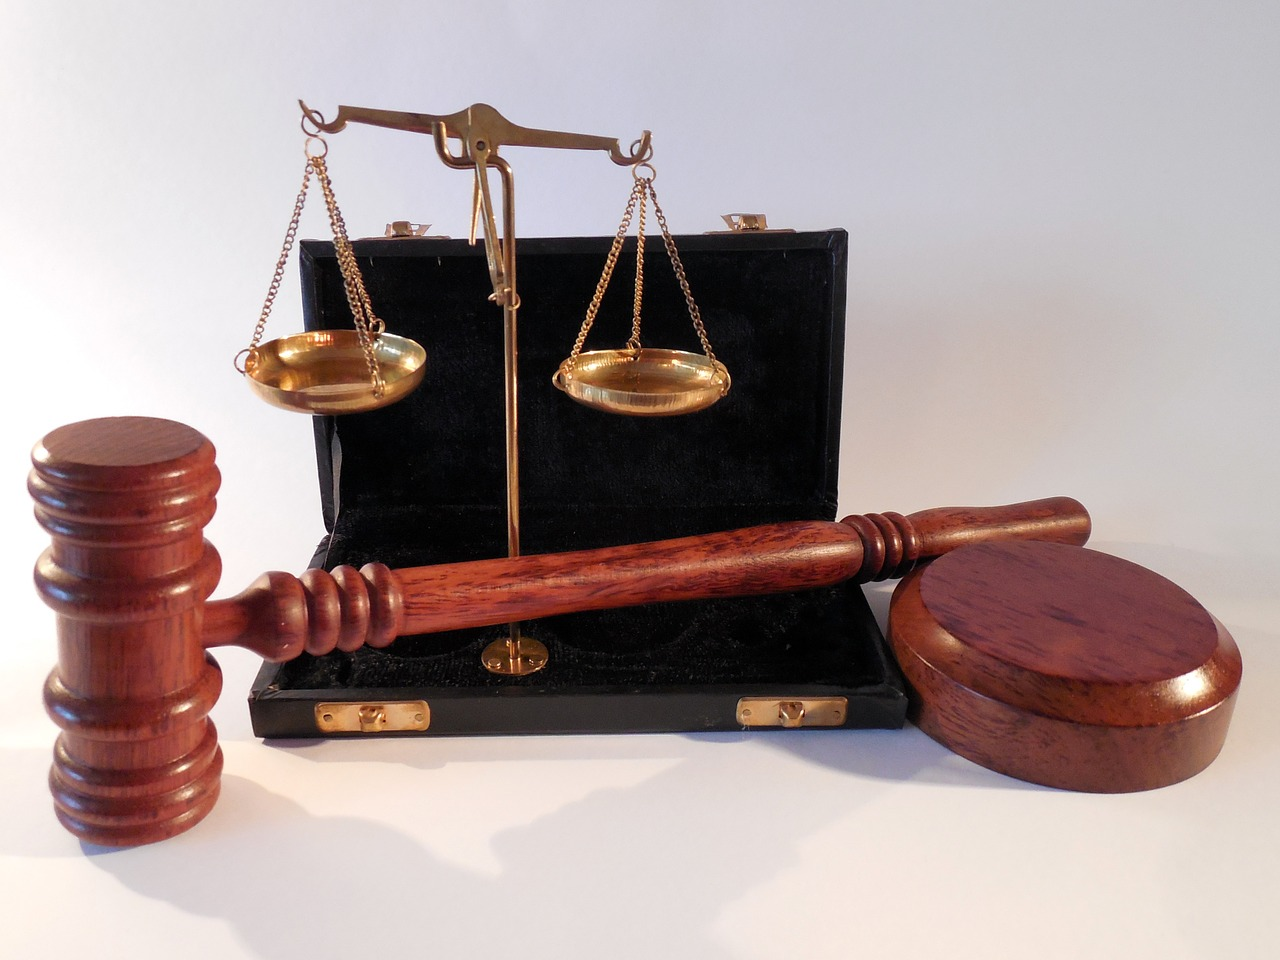 פרק שמיני – השפעת חוקי יסוד על מעמד הזכות לבחור והבחר